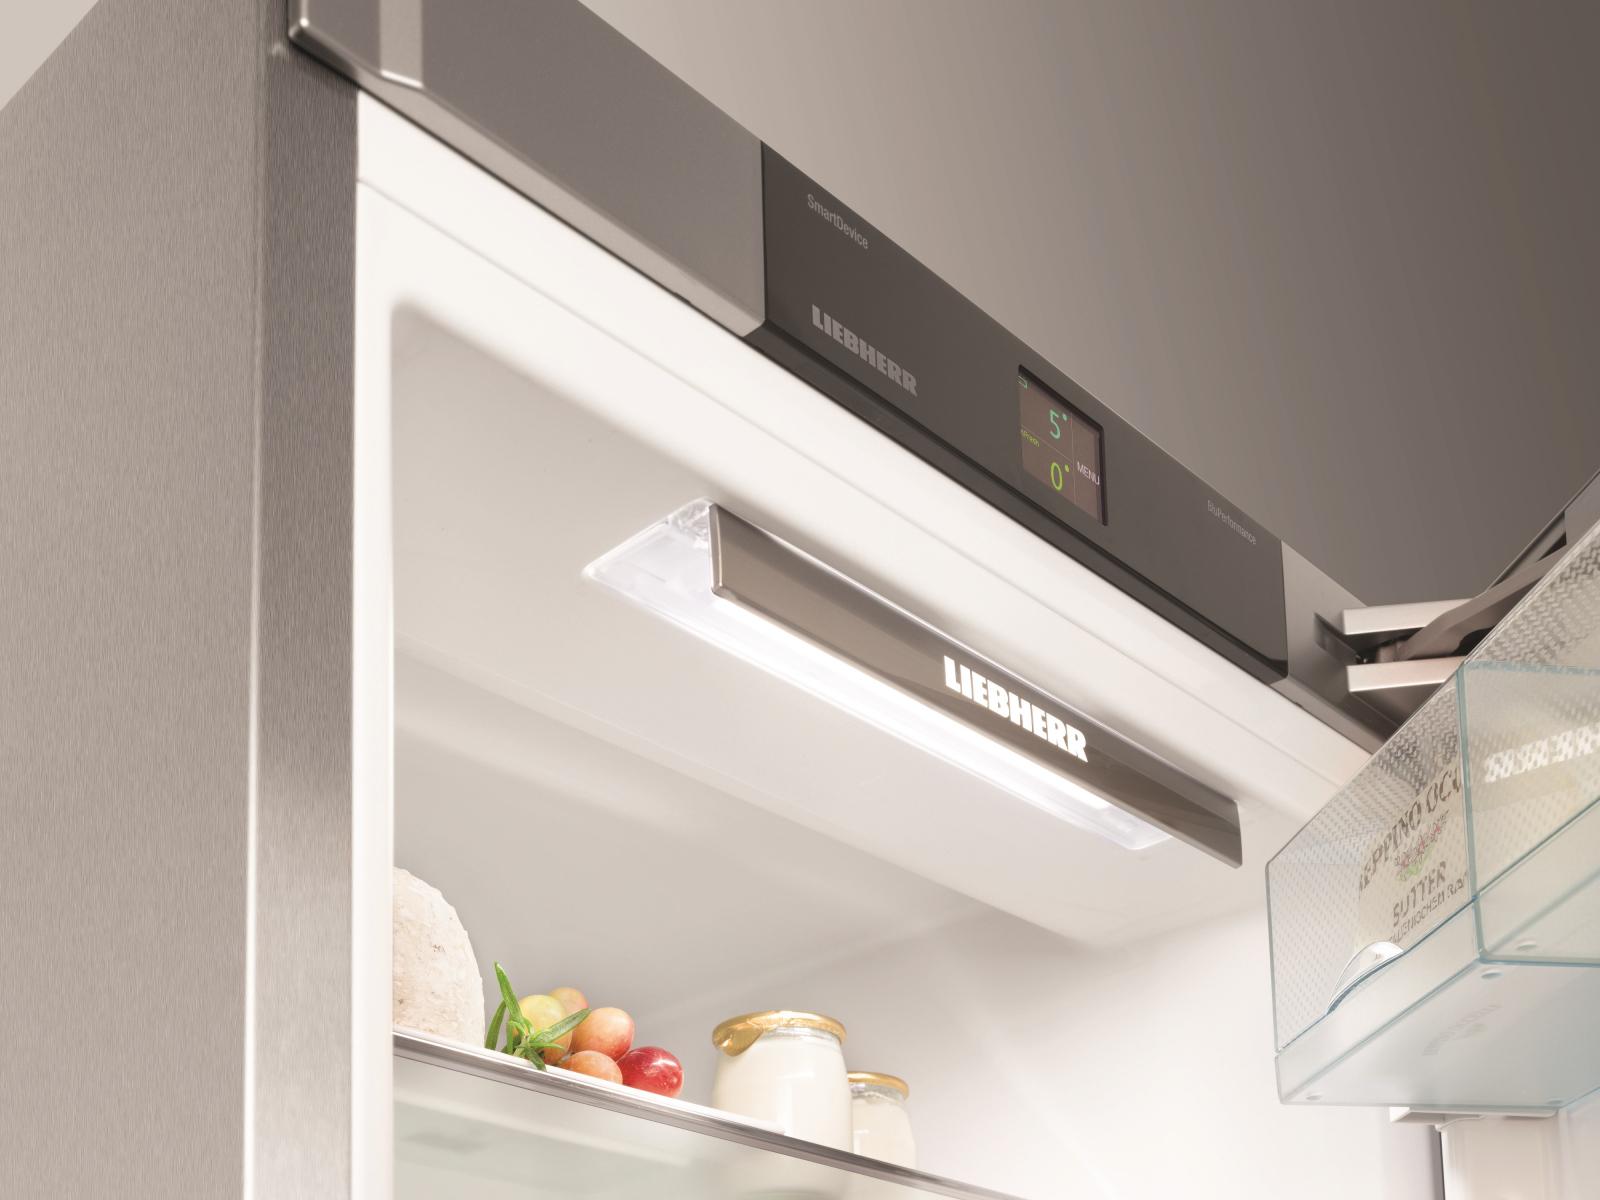 купить Однокамерный холодильник Liebherr KBes 4350 Украина фото 11